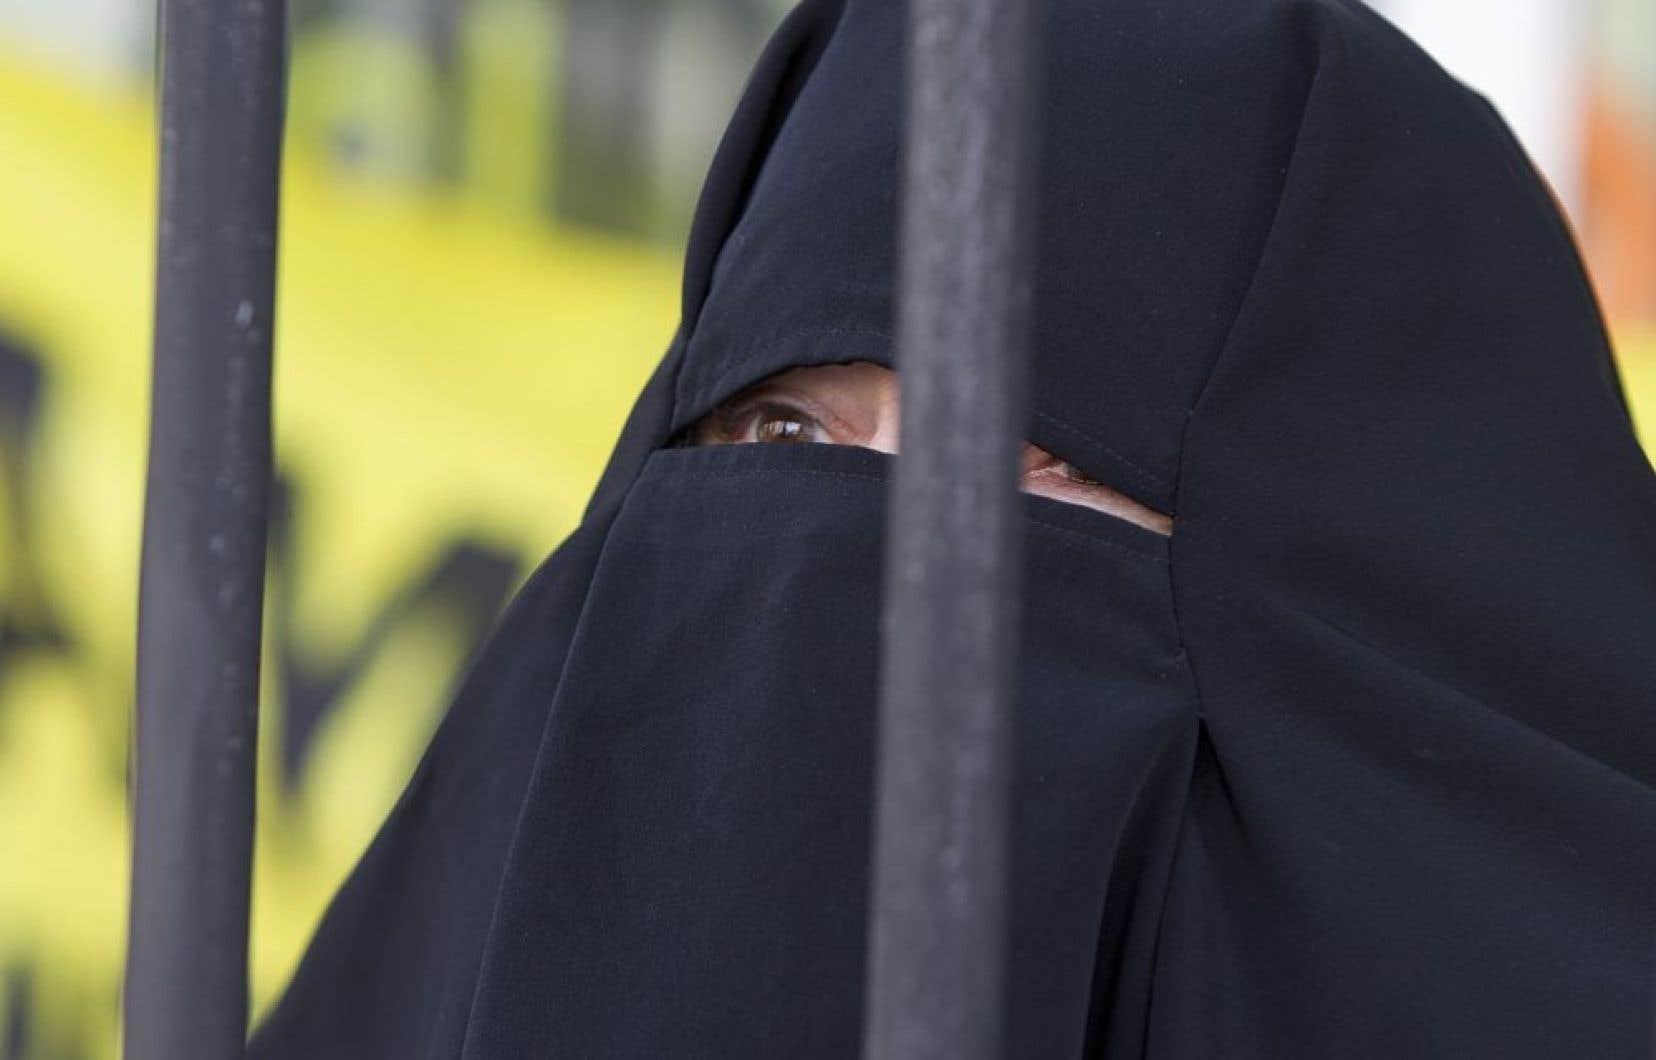 Pour les libéraux, seul «le voile facial» doit être exclu des services publics, «pour des raisons d'identification, de communication et de sécurité», a dit M. Couillard.